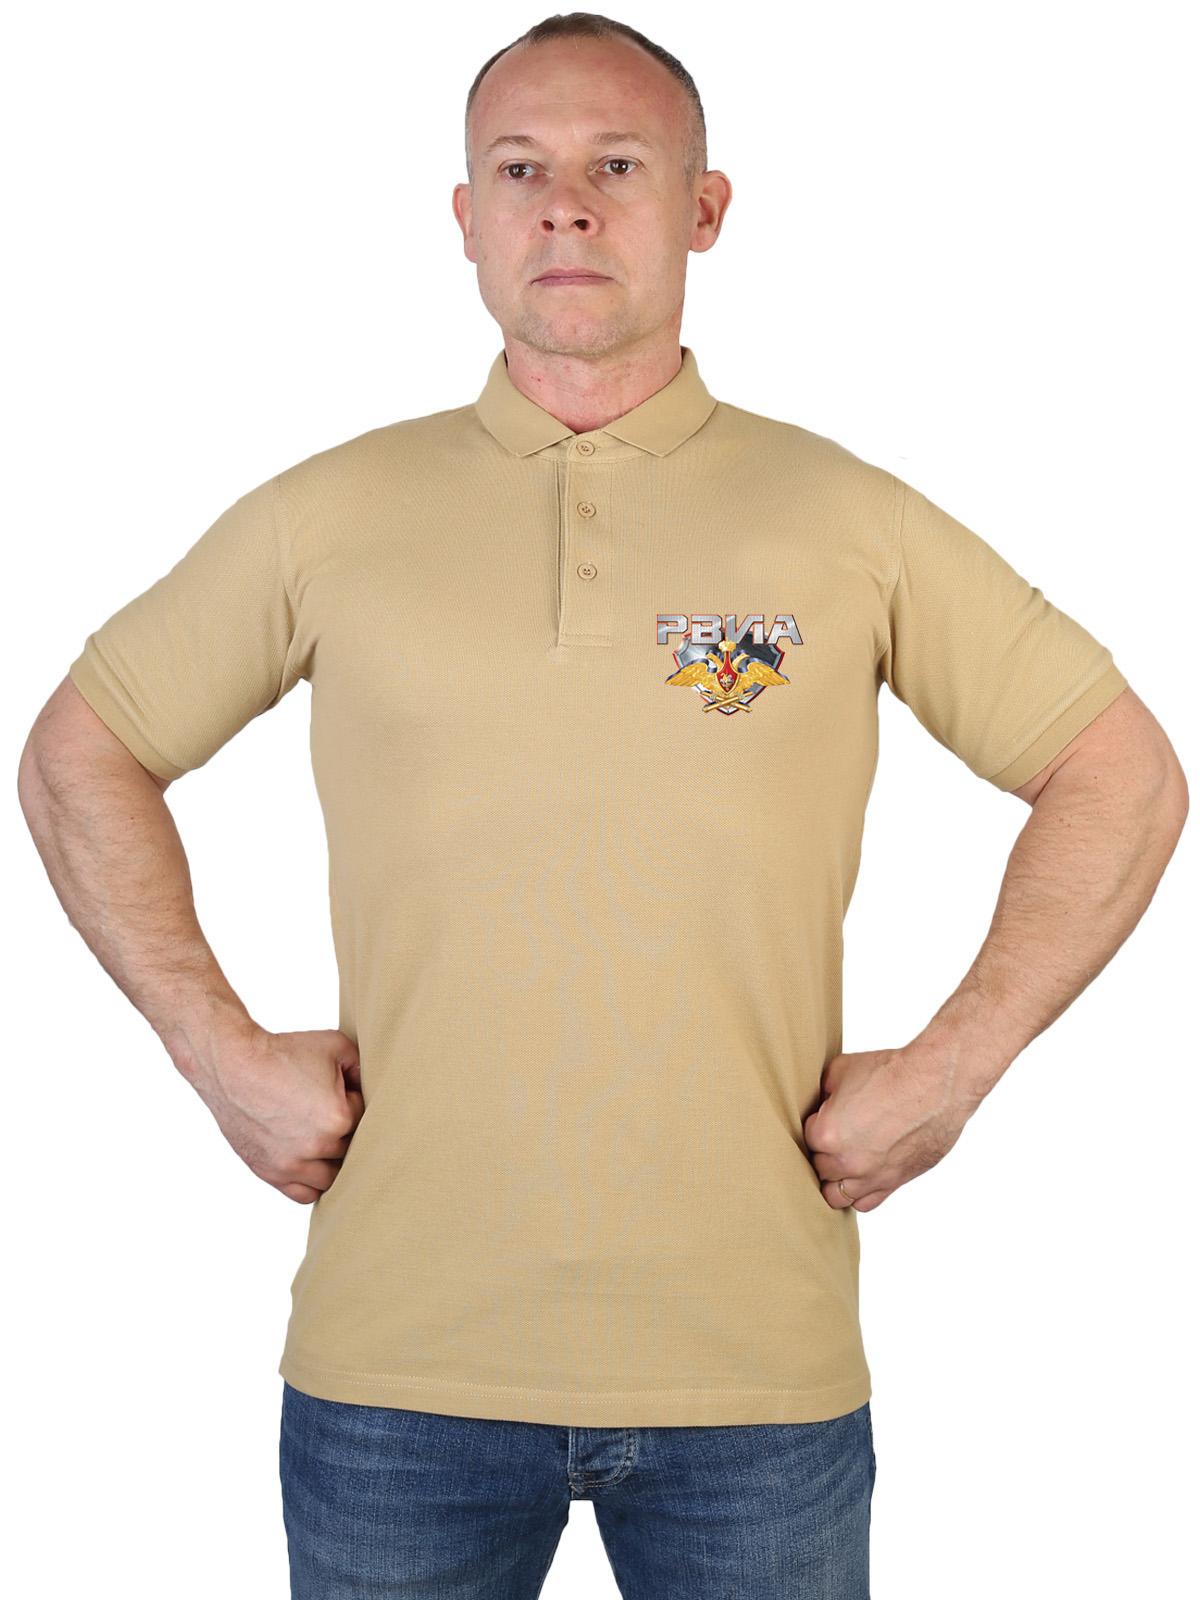 Купить хлопковую мужскую футболку-поло с термонаклейкой РВиА в подарок